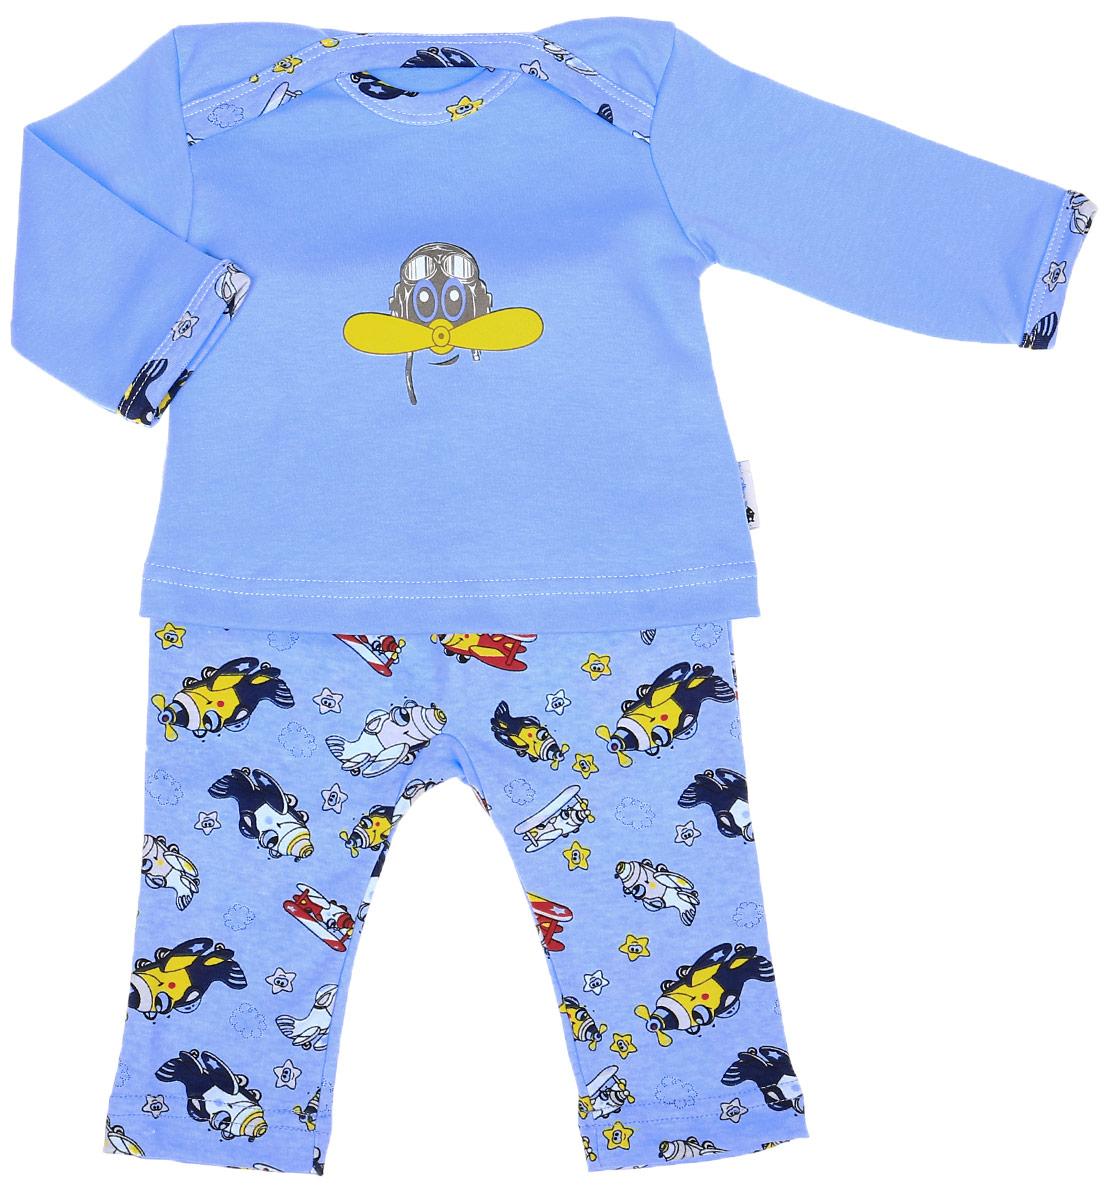 Комплект одежды37К-2366Комплект для мальчика Клякса Самолет, изготовленный из натурального хлопка, состоит из футболки с длинным рукавом и штанишек. Футболка с круглым вырезом горловины и длинными рукавами имеет удобные запахи на плечах. Штанишки с завышенной линией талии имеют мягкий эластичный пояс. Комплект оформлен принтом.